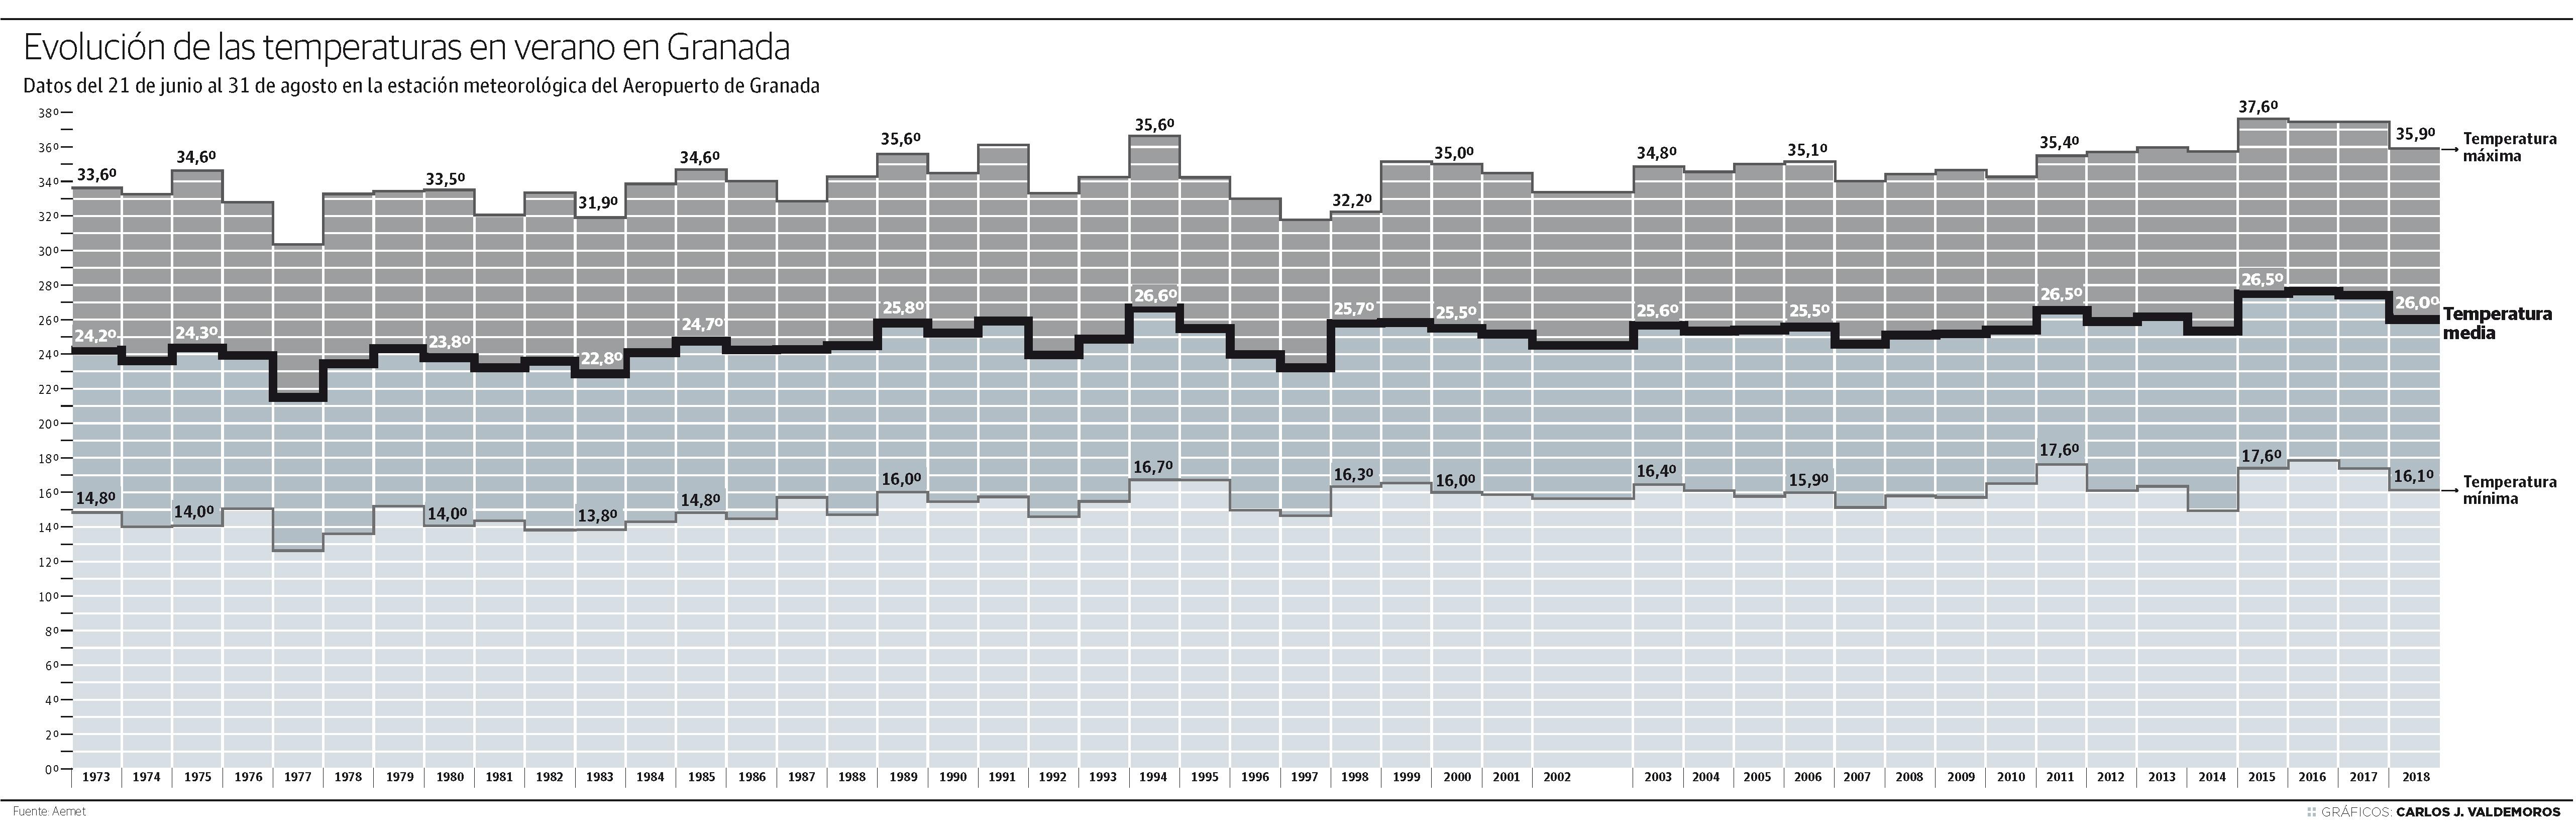 Evolución de las temperaturas en verano en Granada